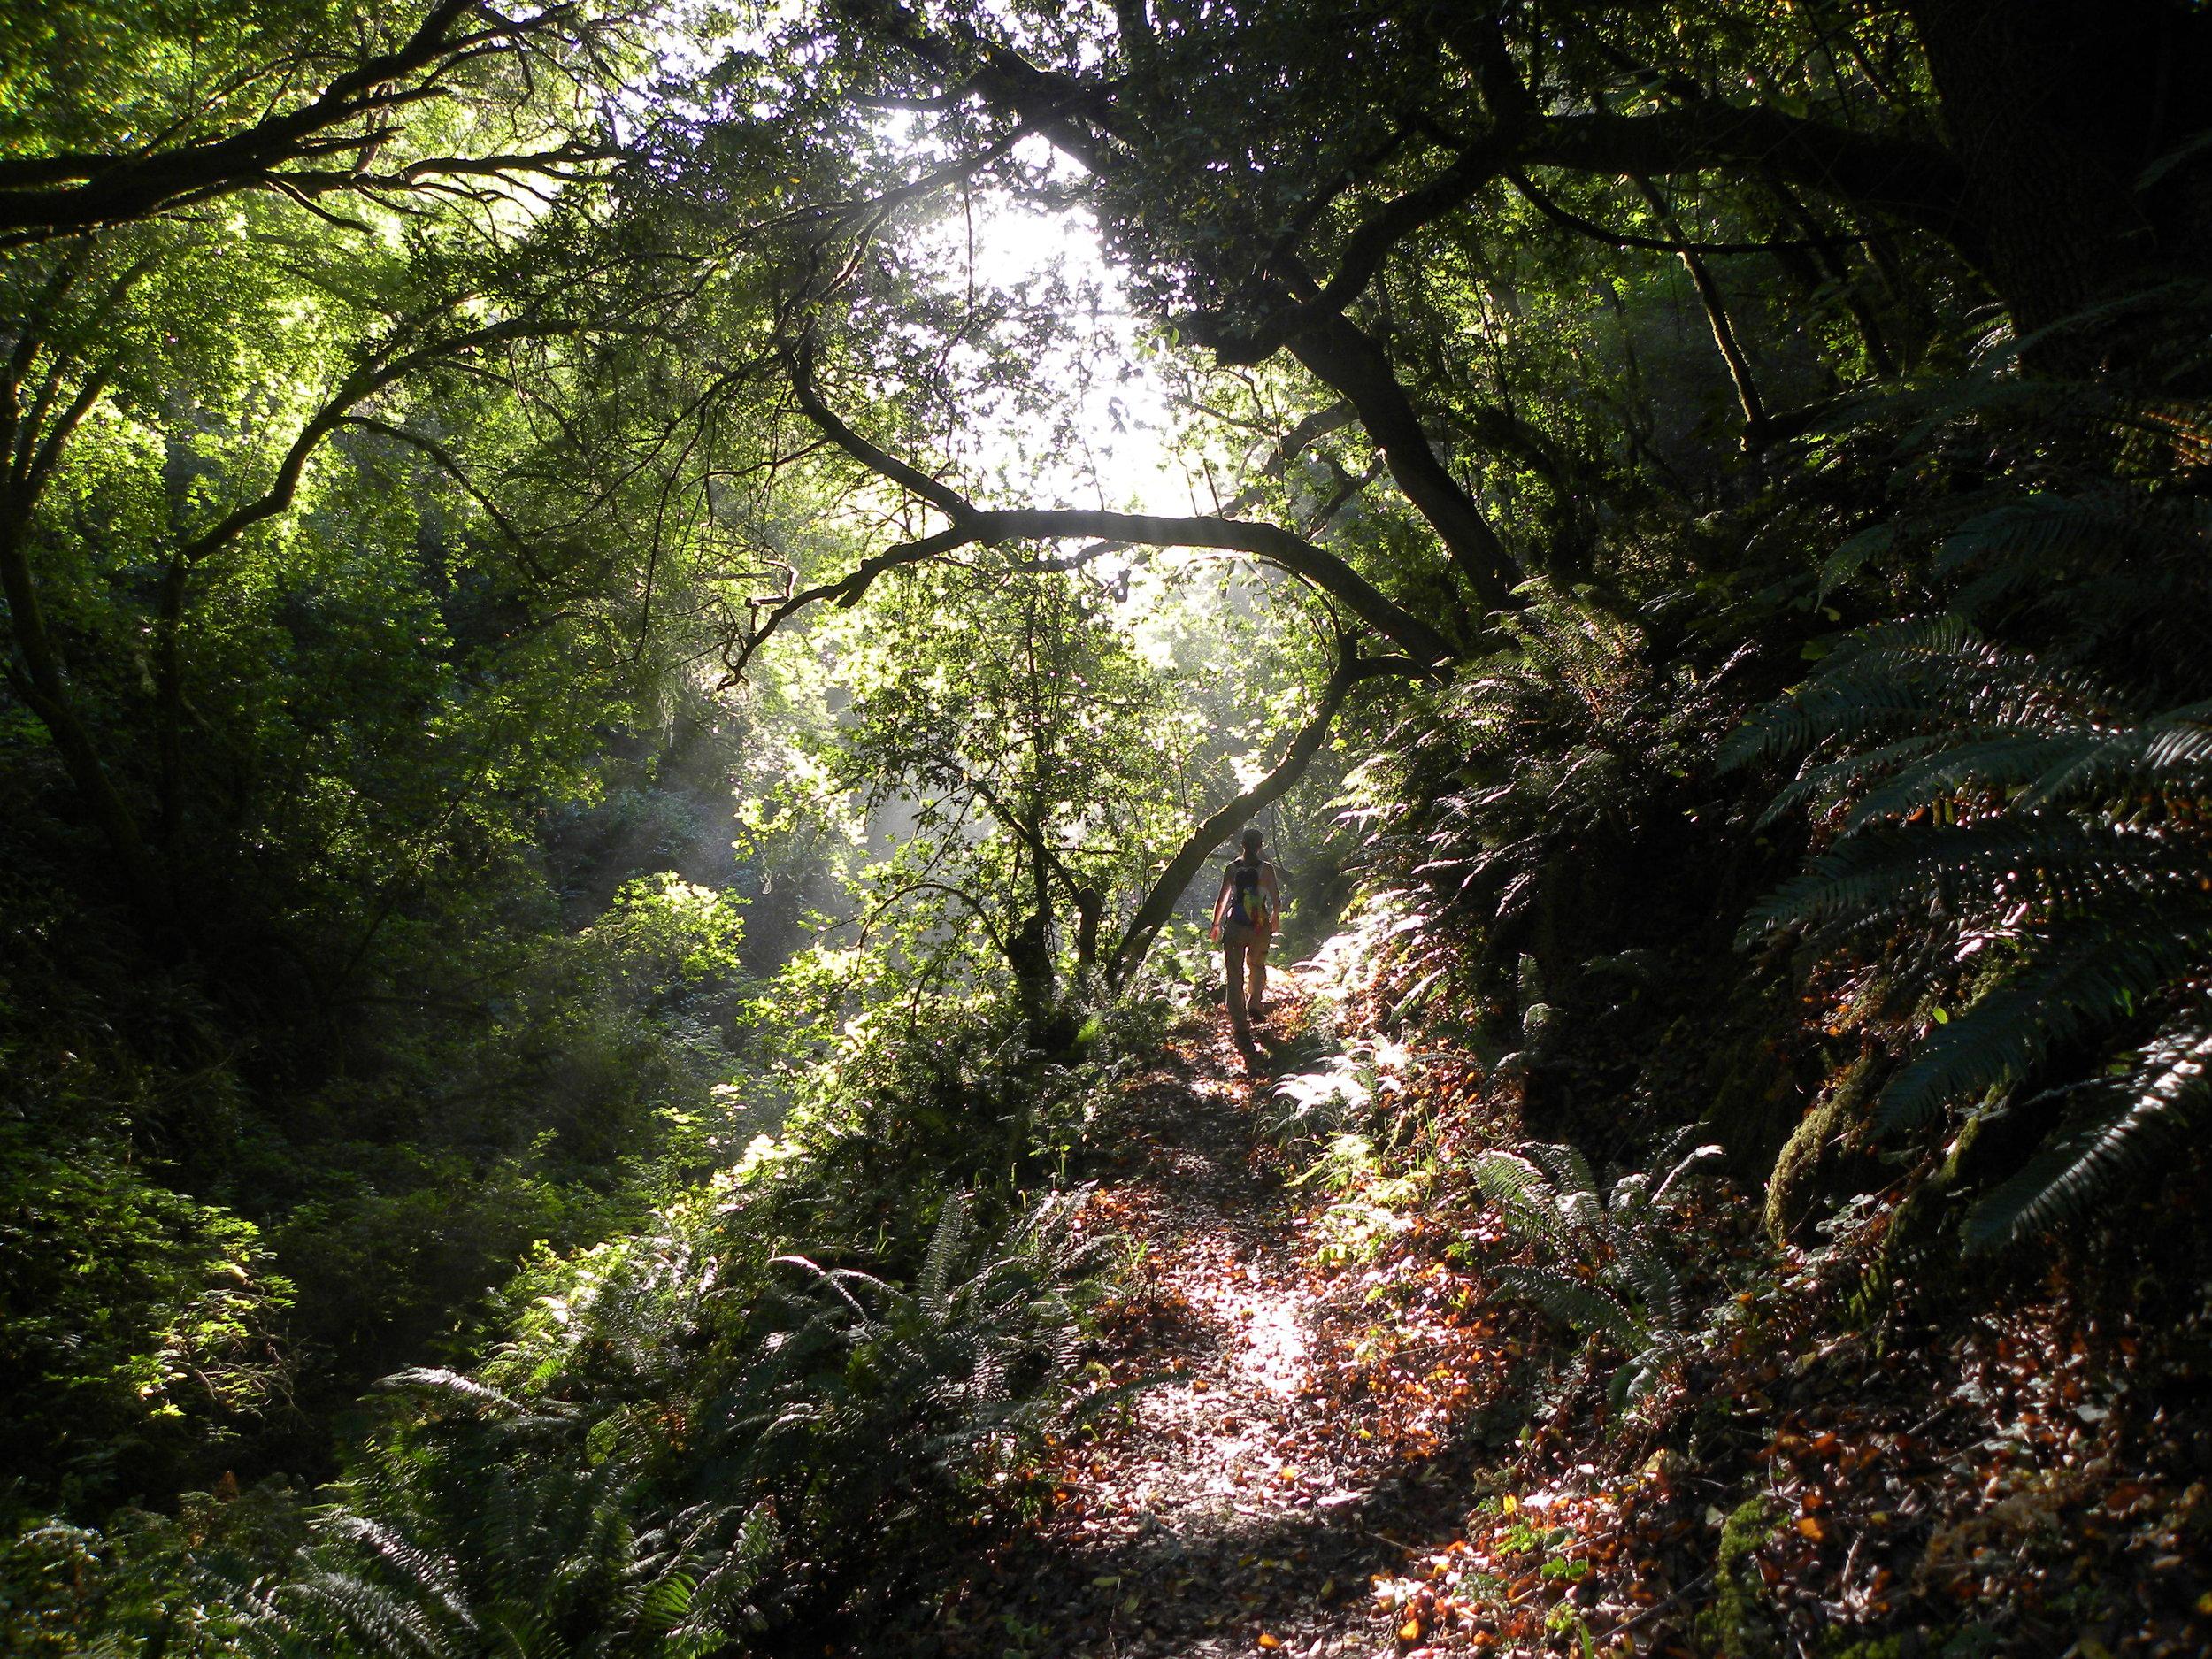 2011 09 29 Lost Coast 089.jpg